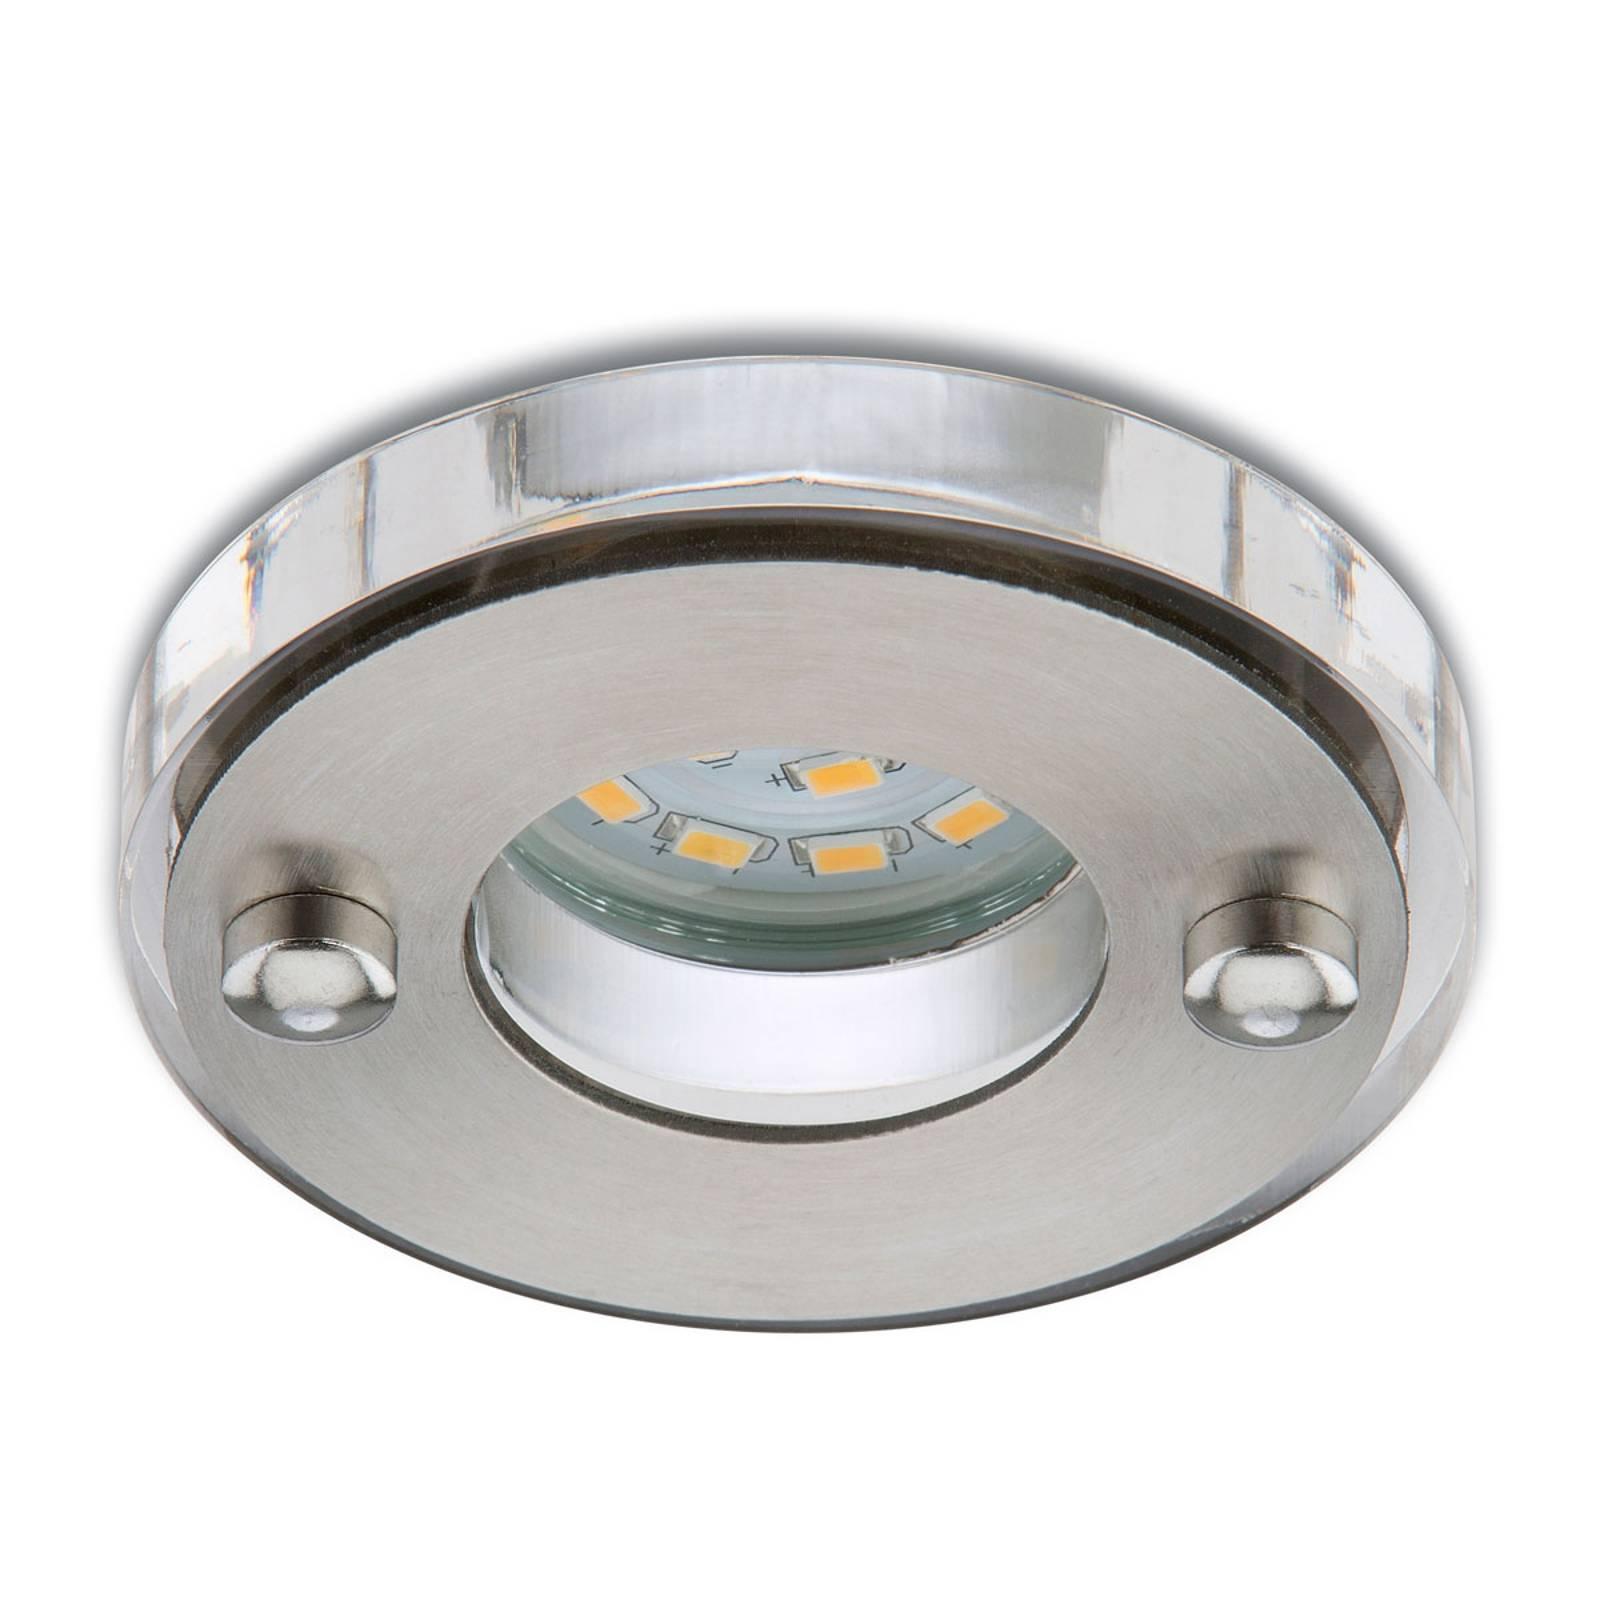 Mat-nikkelkleurige LED inbouwspot Nikas IP23